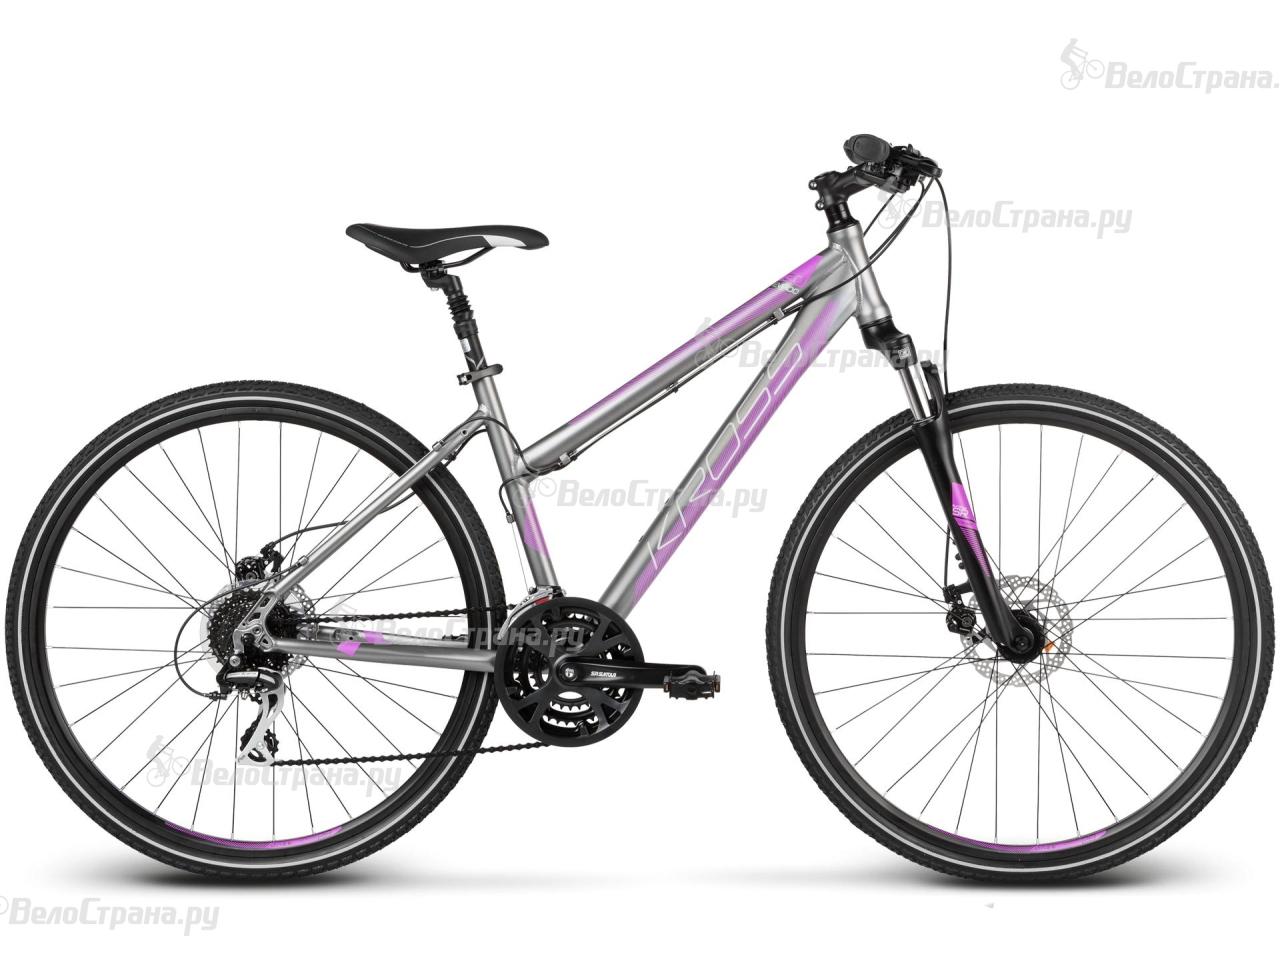 Велосипед Kross Evado 3.0 Lady (2017) носки kross krt tall размер xl черный t4cod000283xlbk